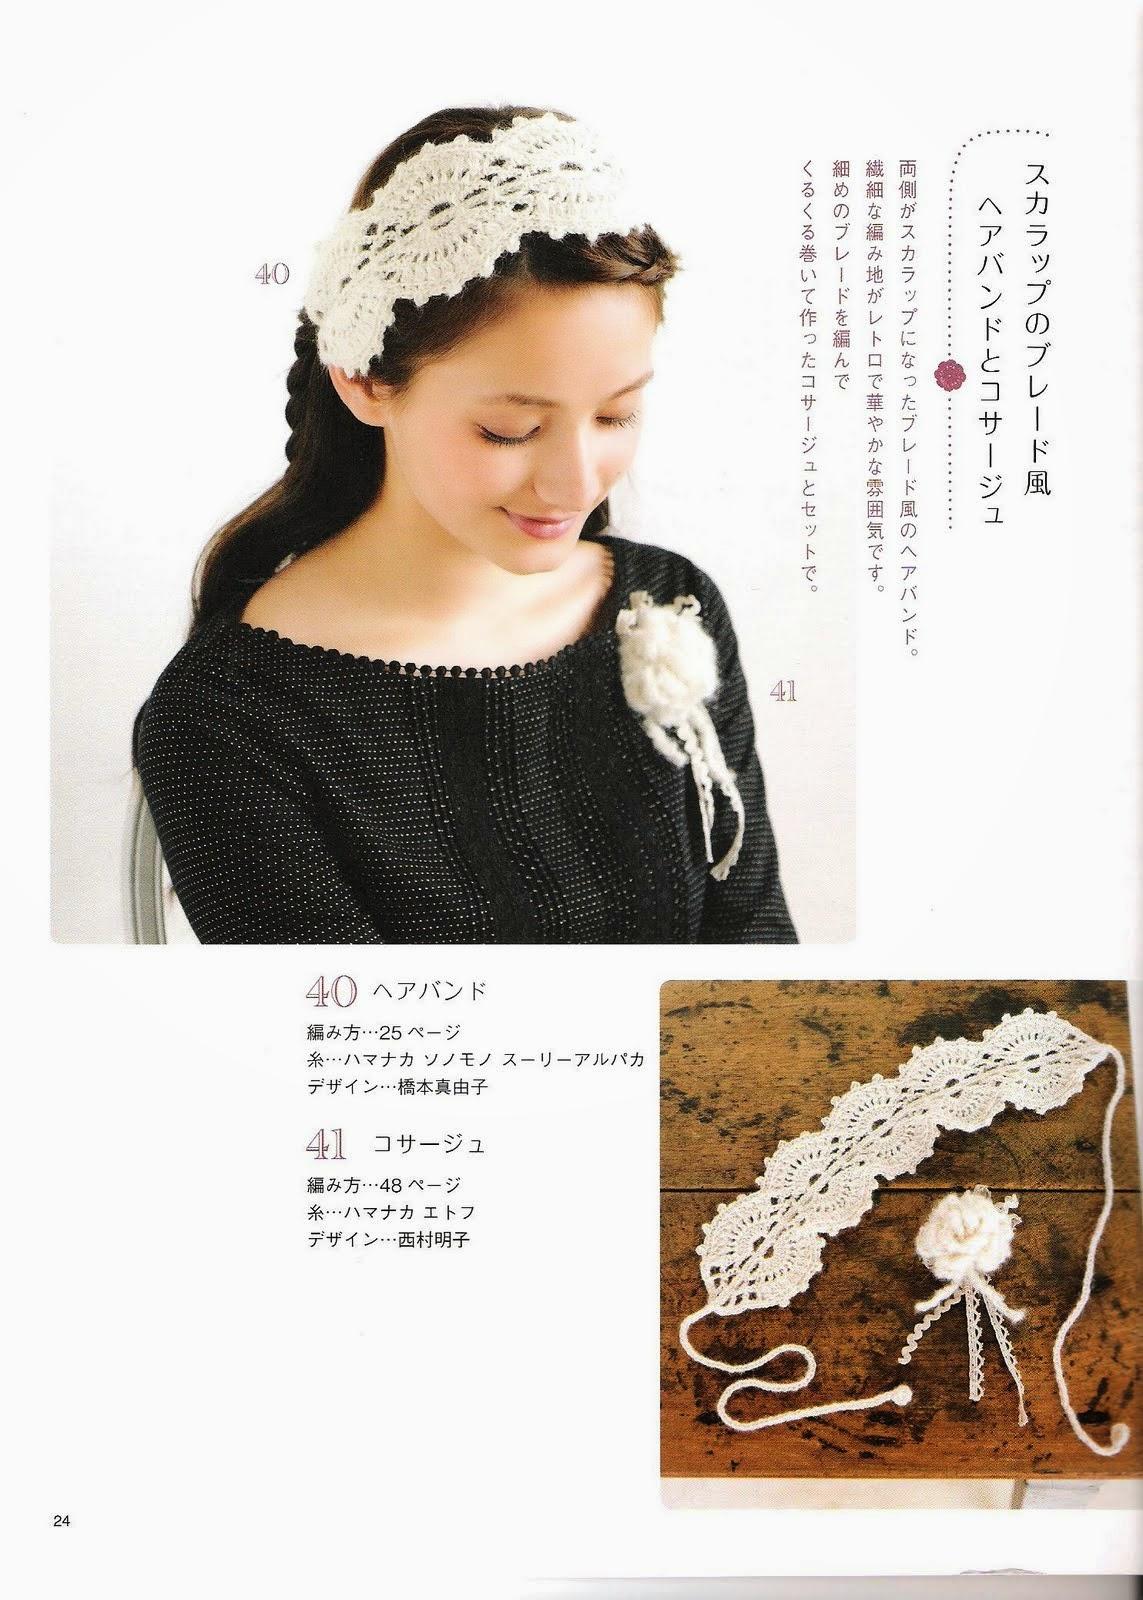 Повязка на голову крючком для девочки схема с описанием фото